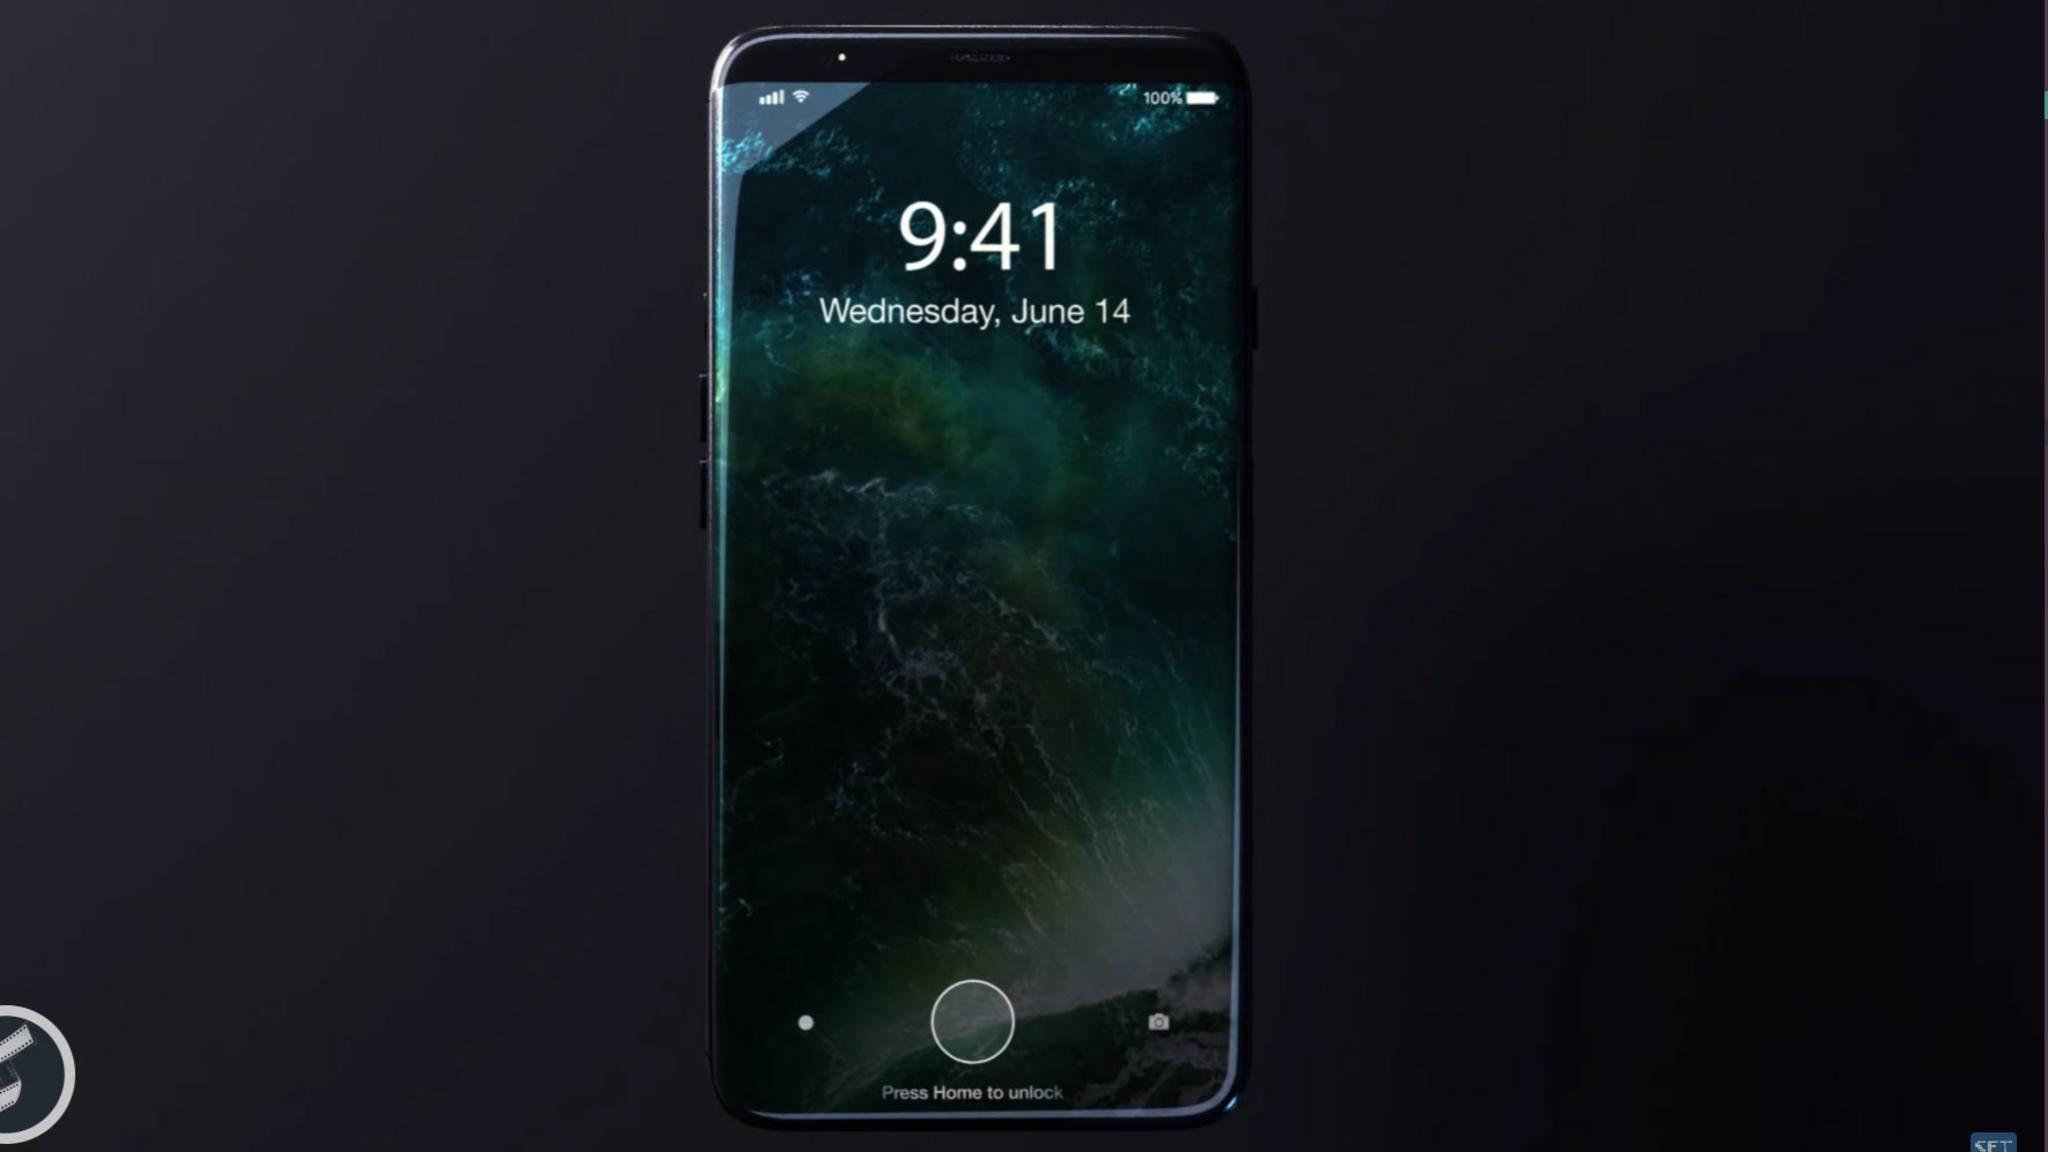 Der Home-Button des iPhone 8 lässt sich wohl in seiner Größe anpassen.